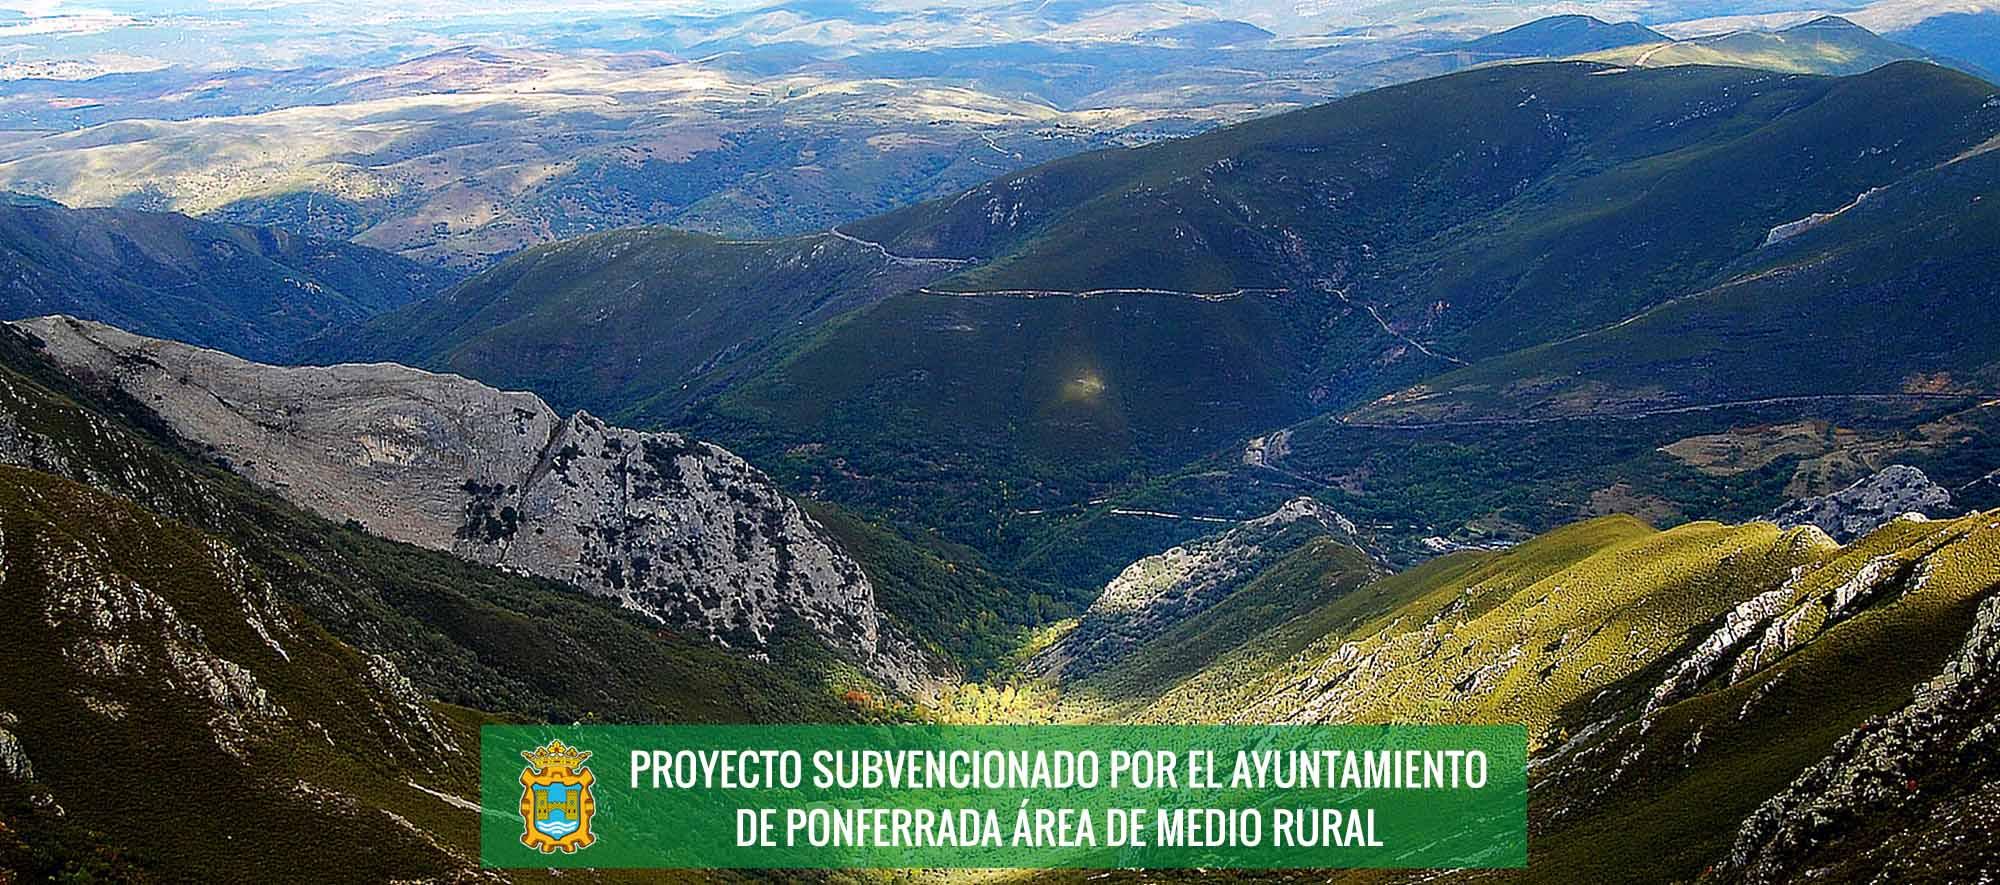 Valle del Silencio - Ayto Ponferrada